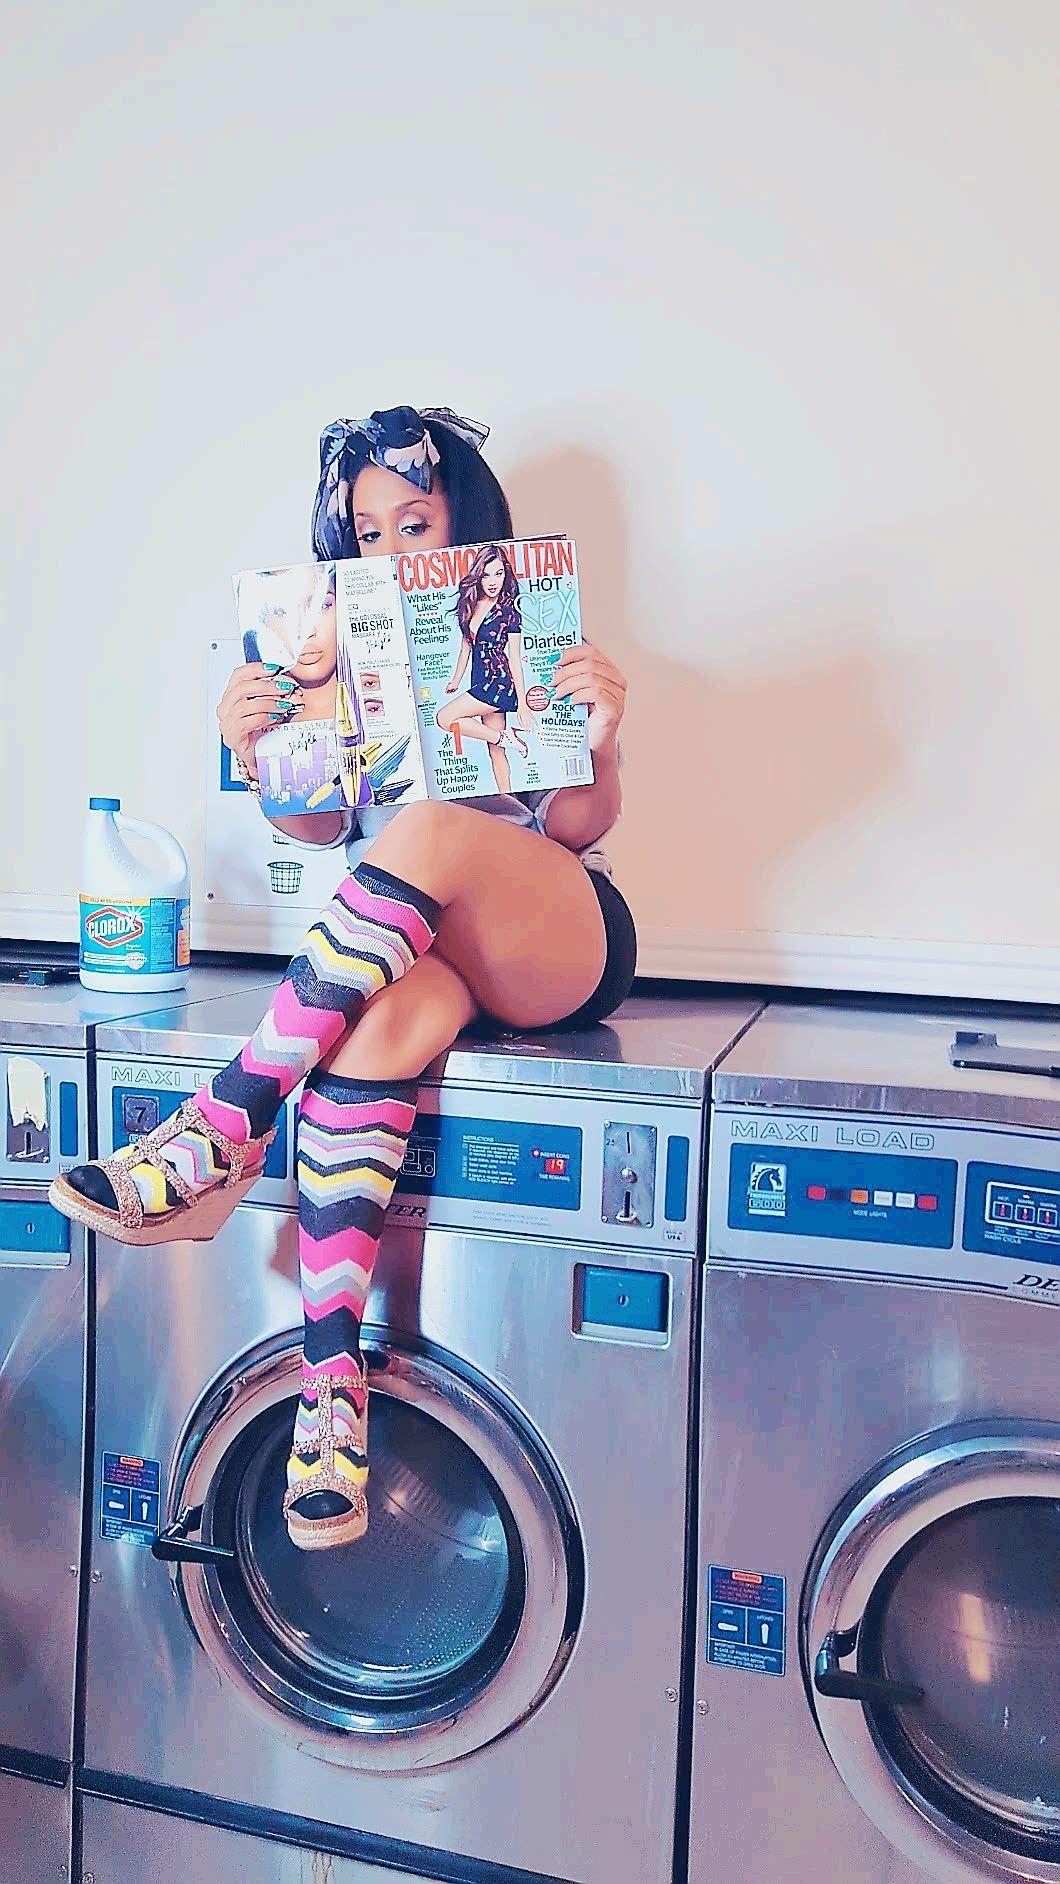 Laundromat Photoshoot Ideas Fun Photoshoot Creative Photoshoot Ideas Photoshoot Themes